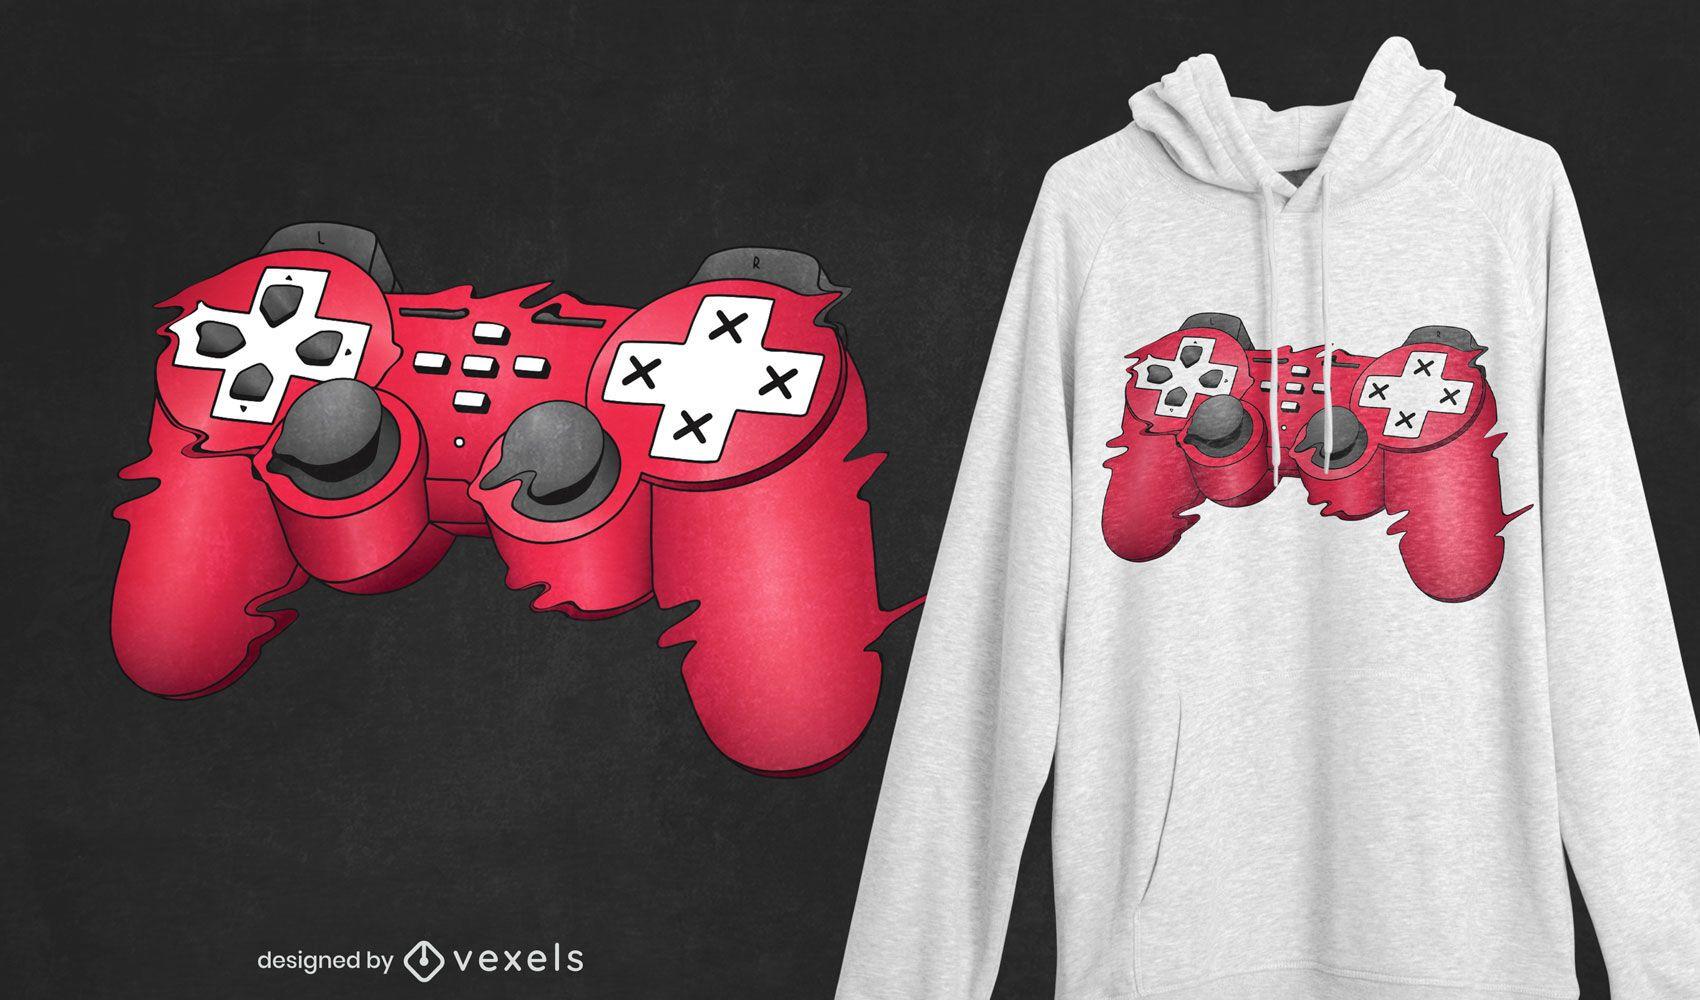 Diseño de camiseta con joystick glitchy